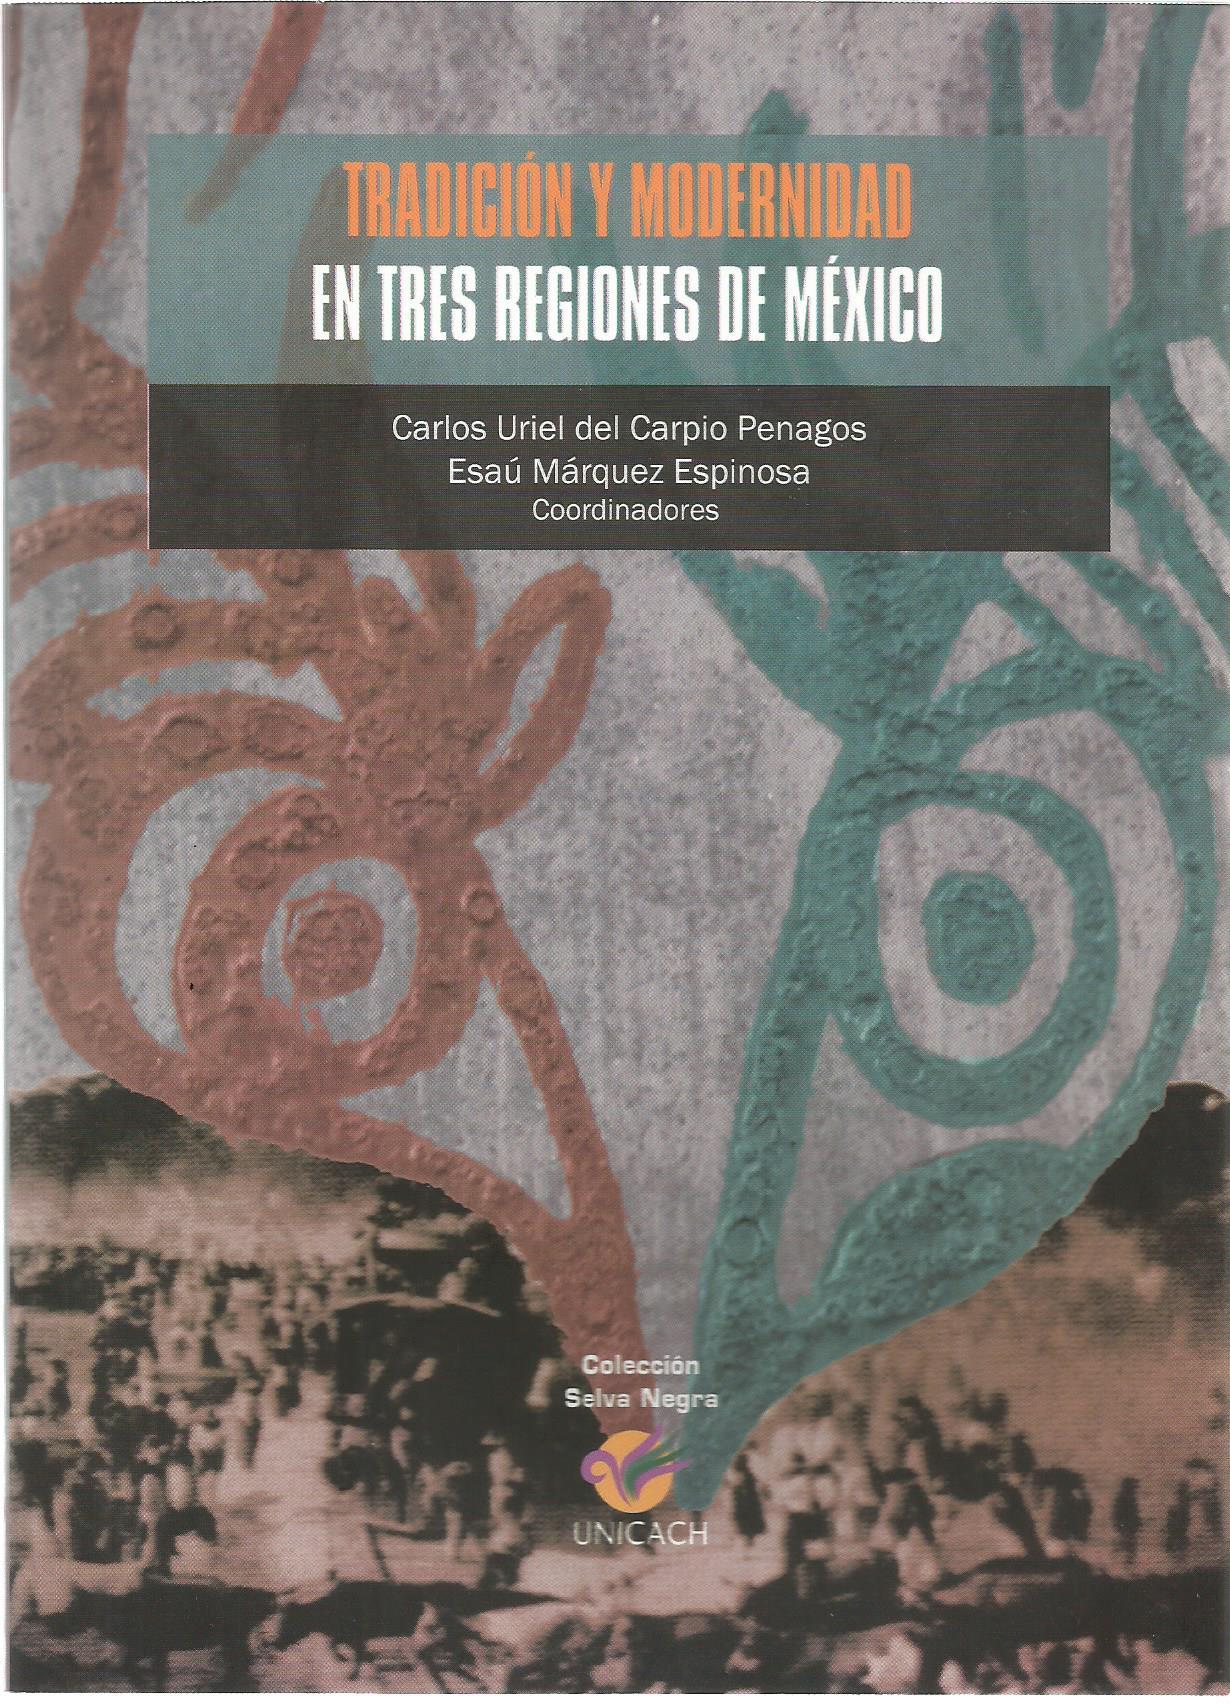 6. LIBRO, Tradicion y modernidad, historia de Chiapas, Carlos Uriel del Carpio, Esau Marquez